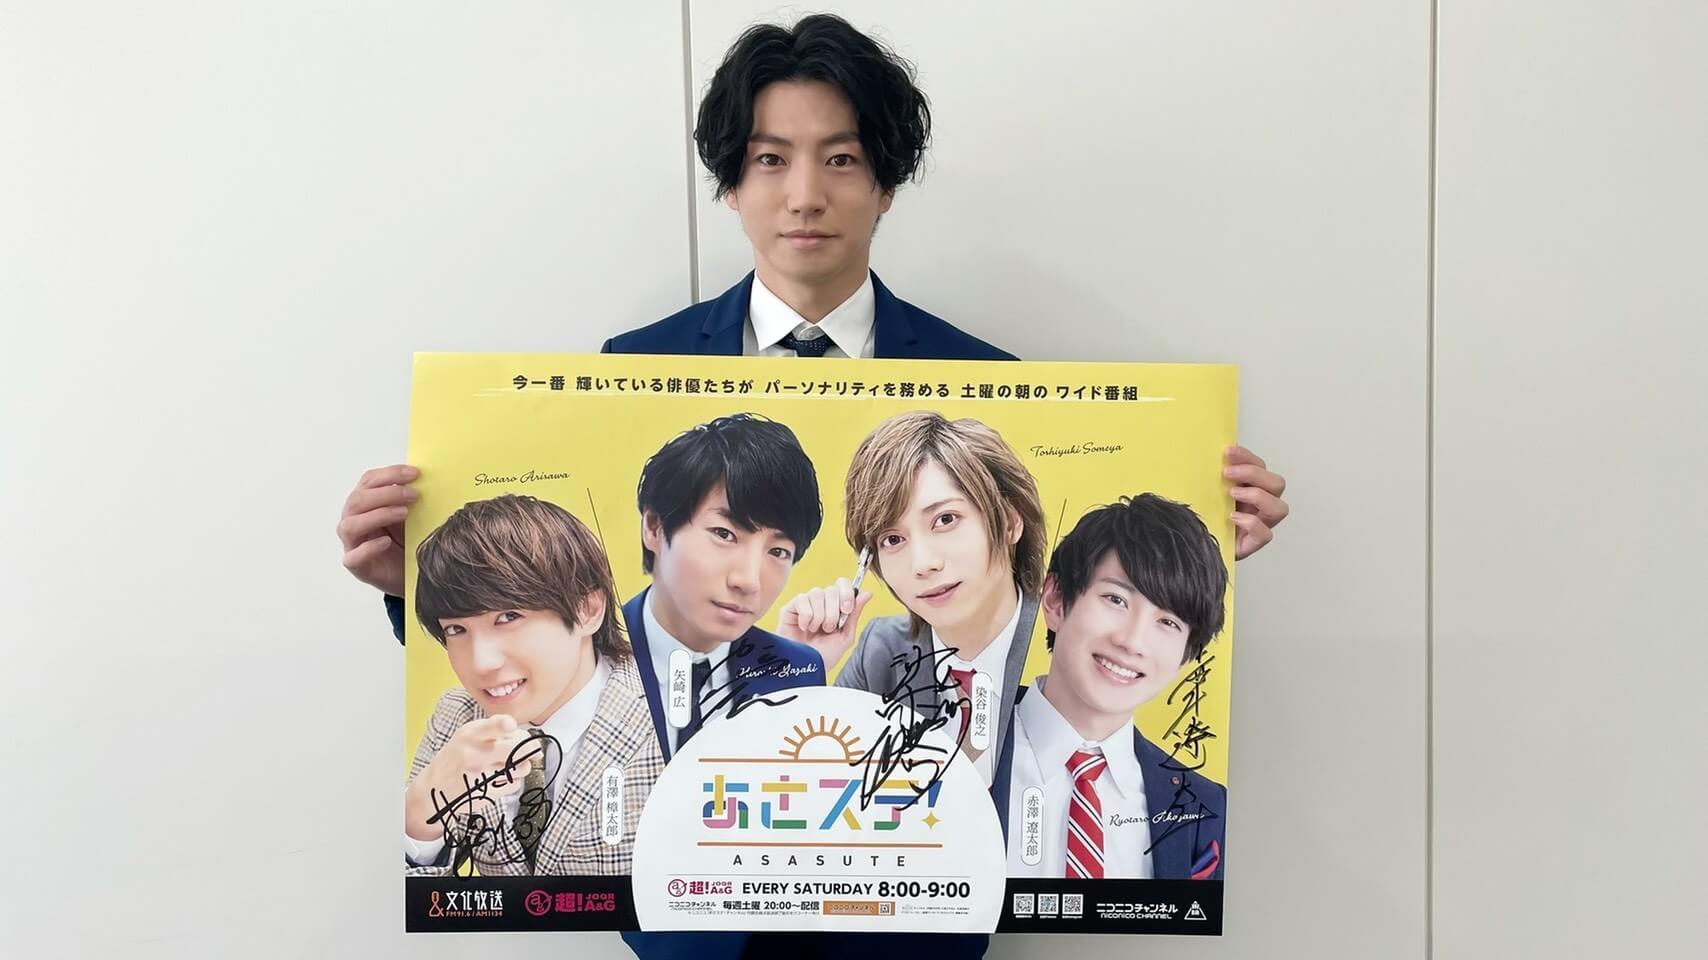 有澤樟太郎、矢崎広、染谷俊之、赤澤遼太郎のサイン入り「あさステ!ポスター」を抽選で5名様にプレゼント!